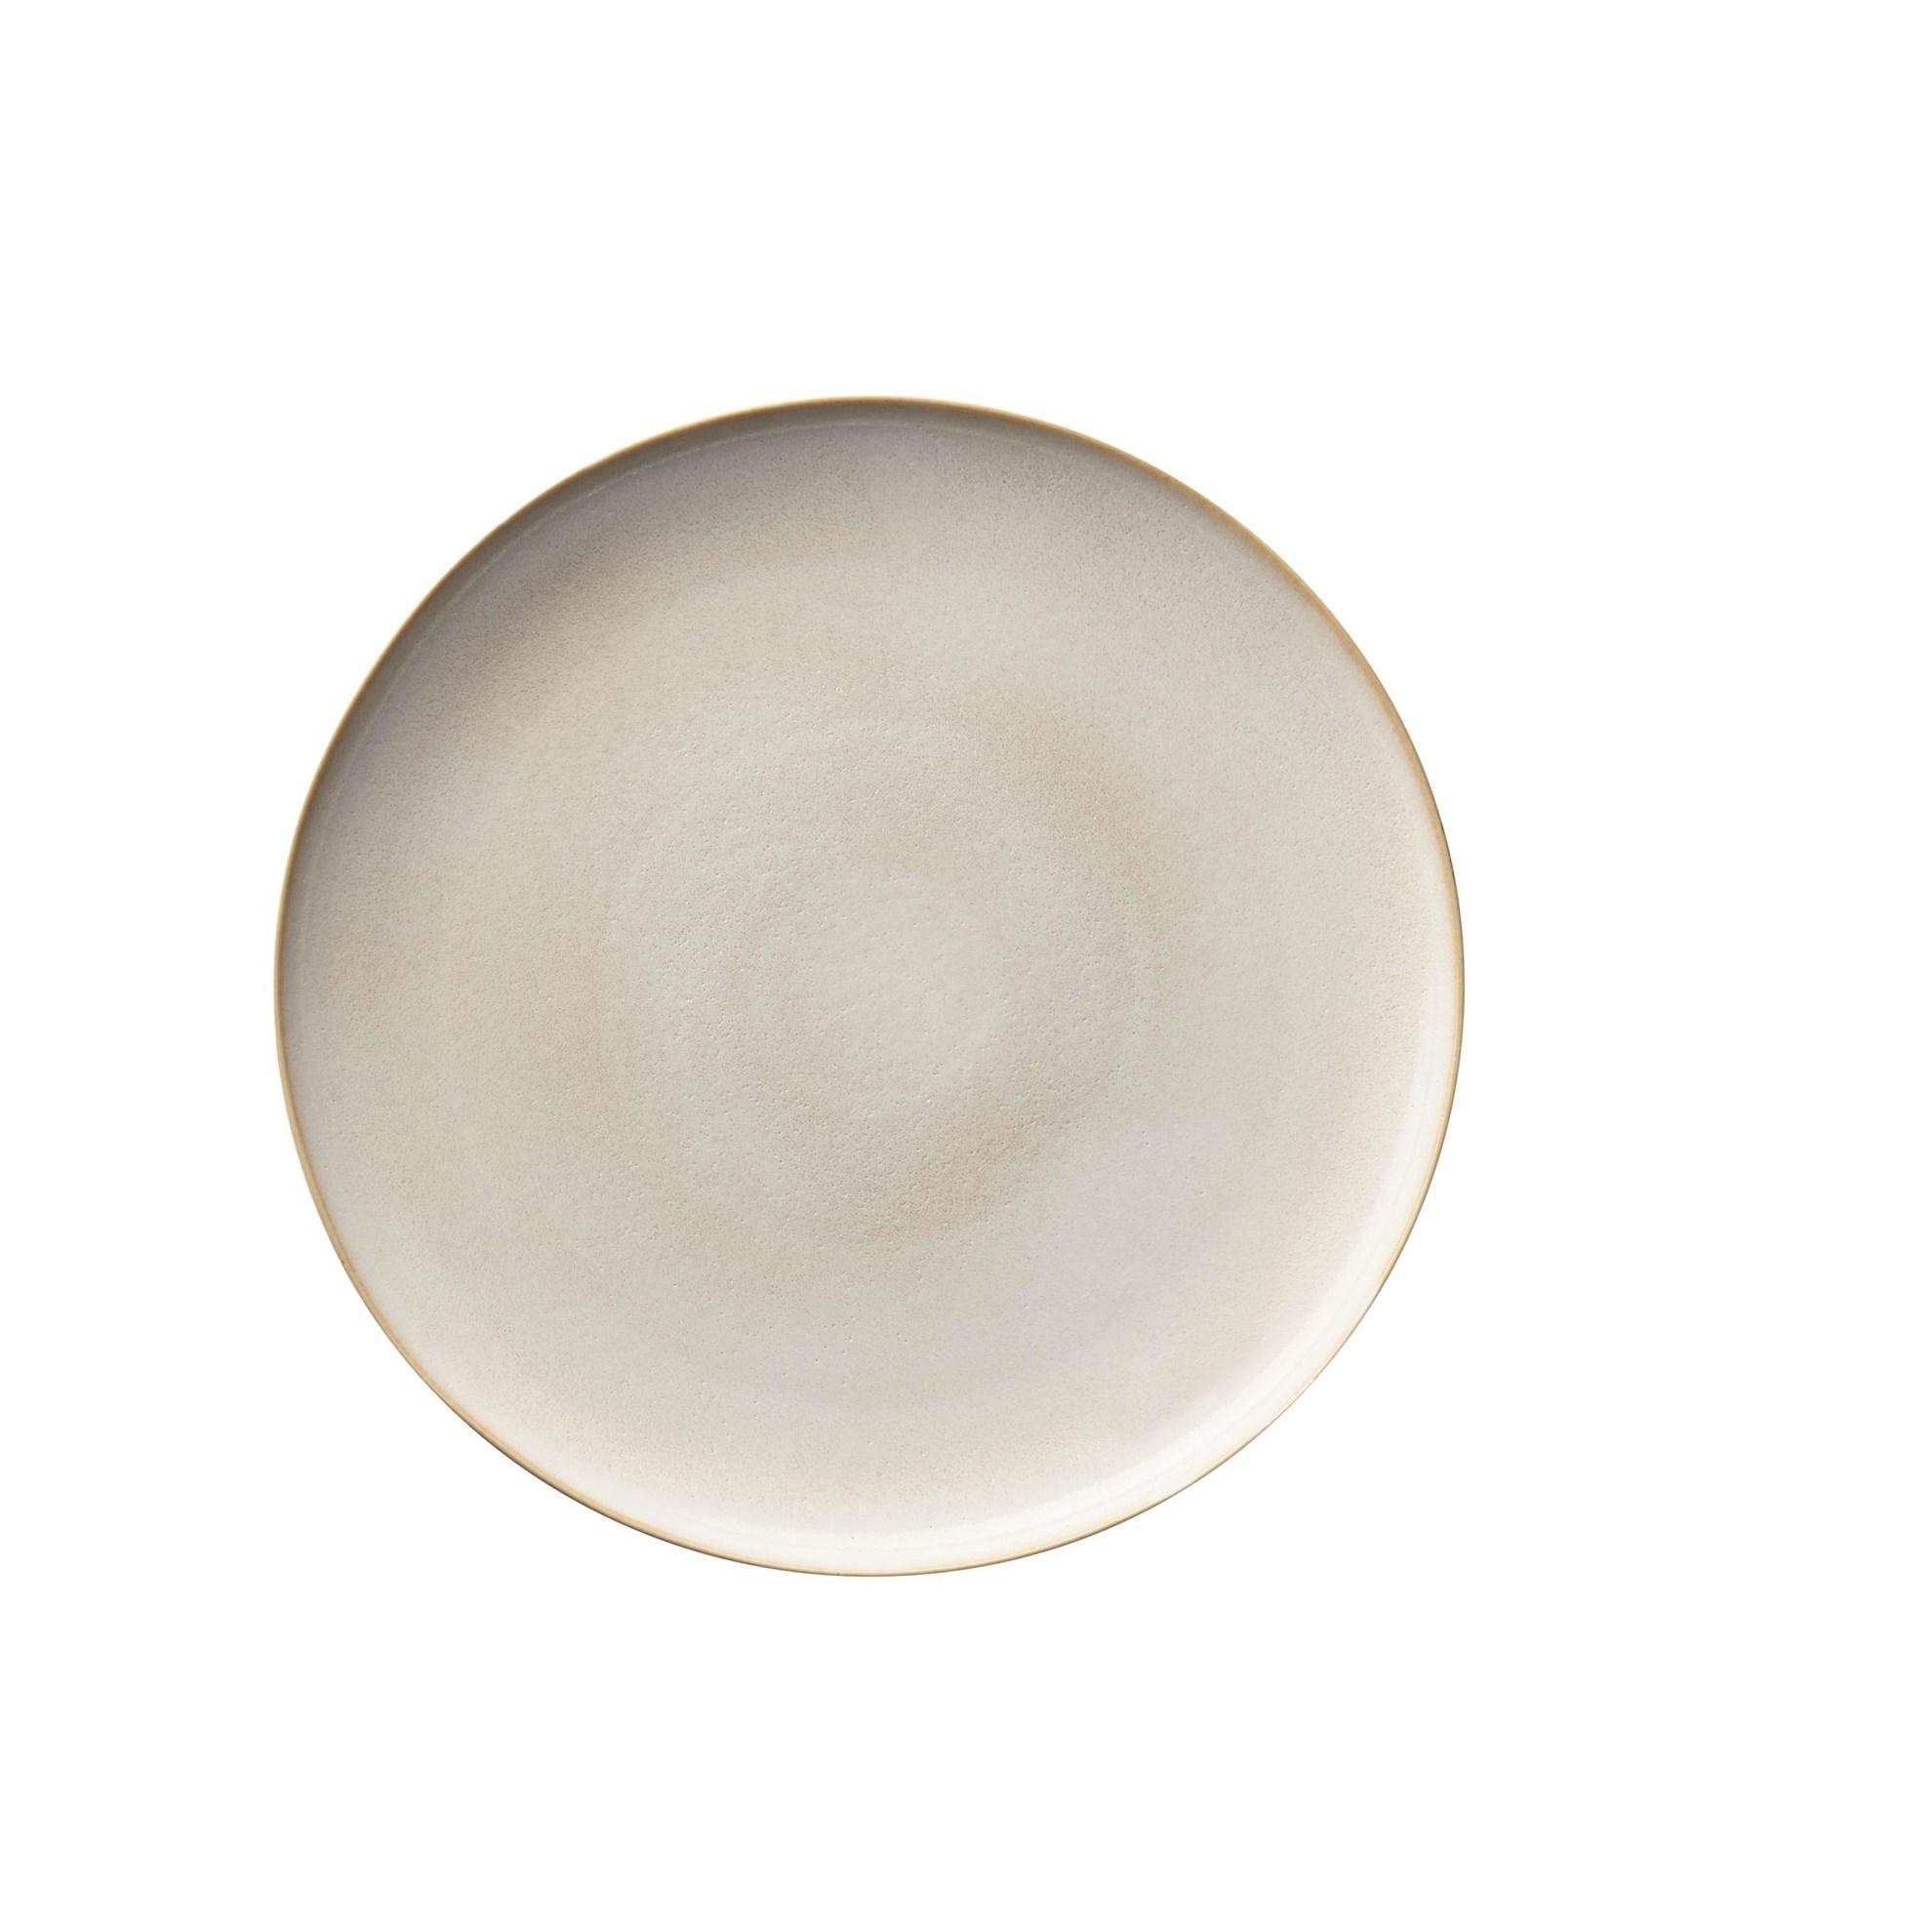 Velký talíř SAISONS 31 cm pískový_0